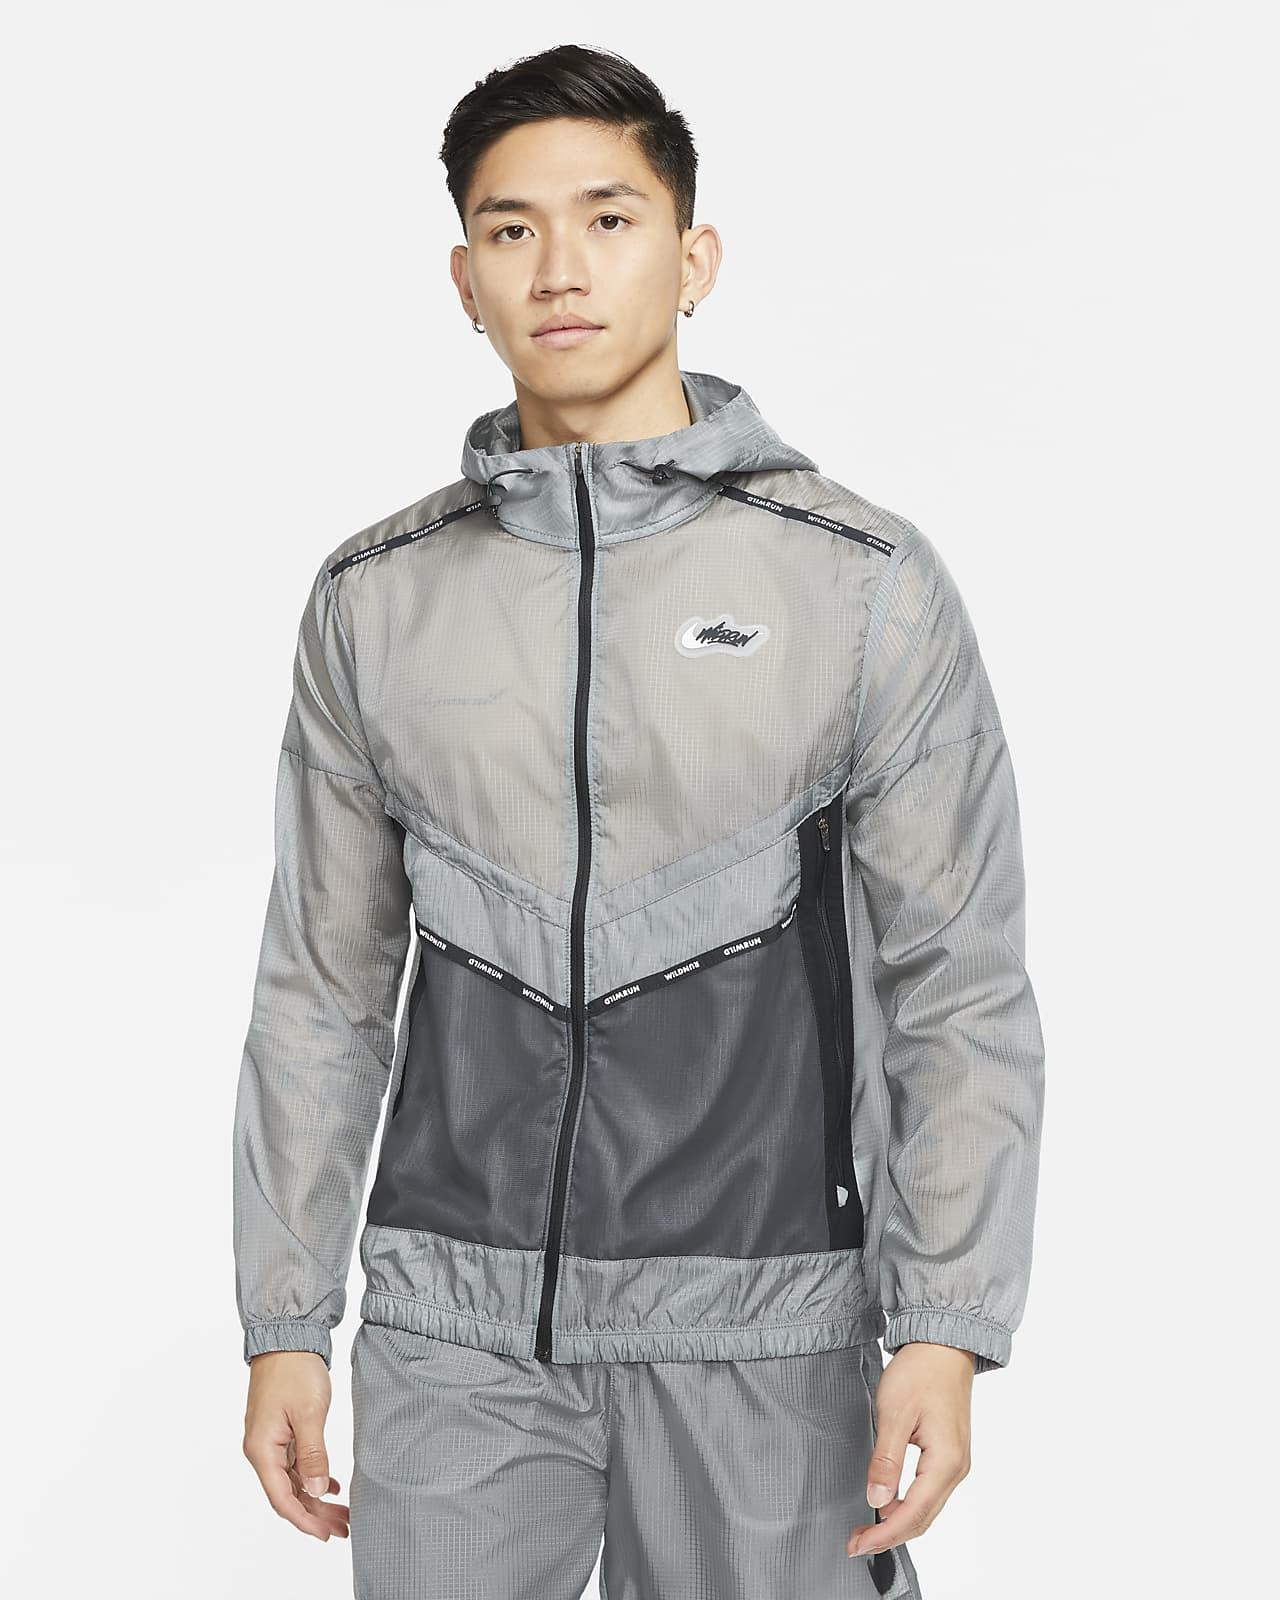 ナイキ レペル ワイルド ラン ウィンドランナー メンズ グラフィック ランニングジャケット